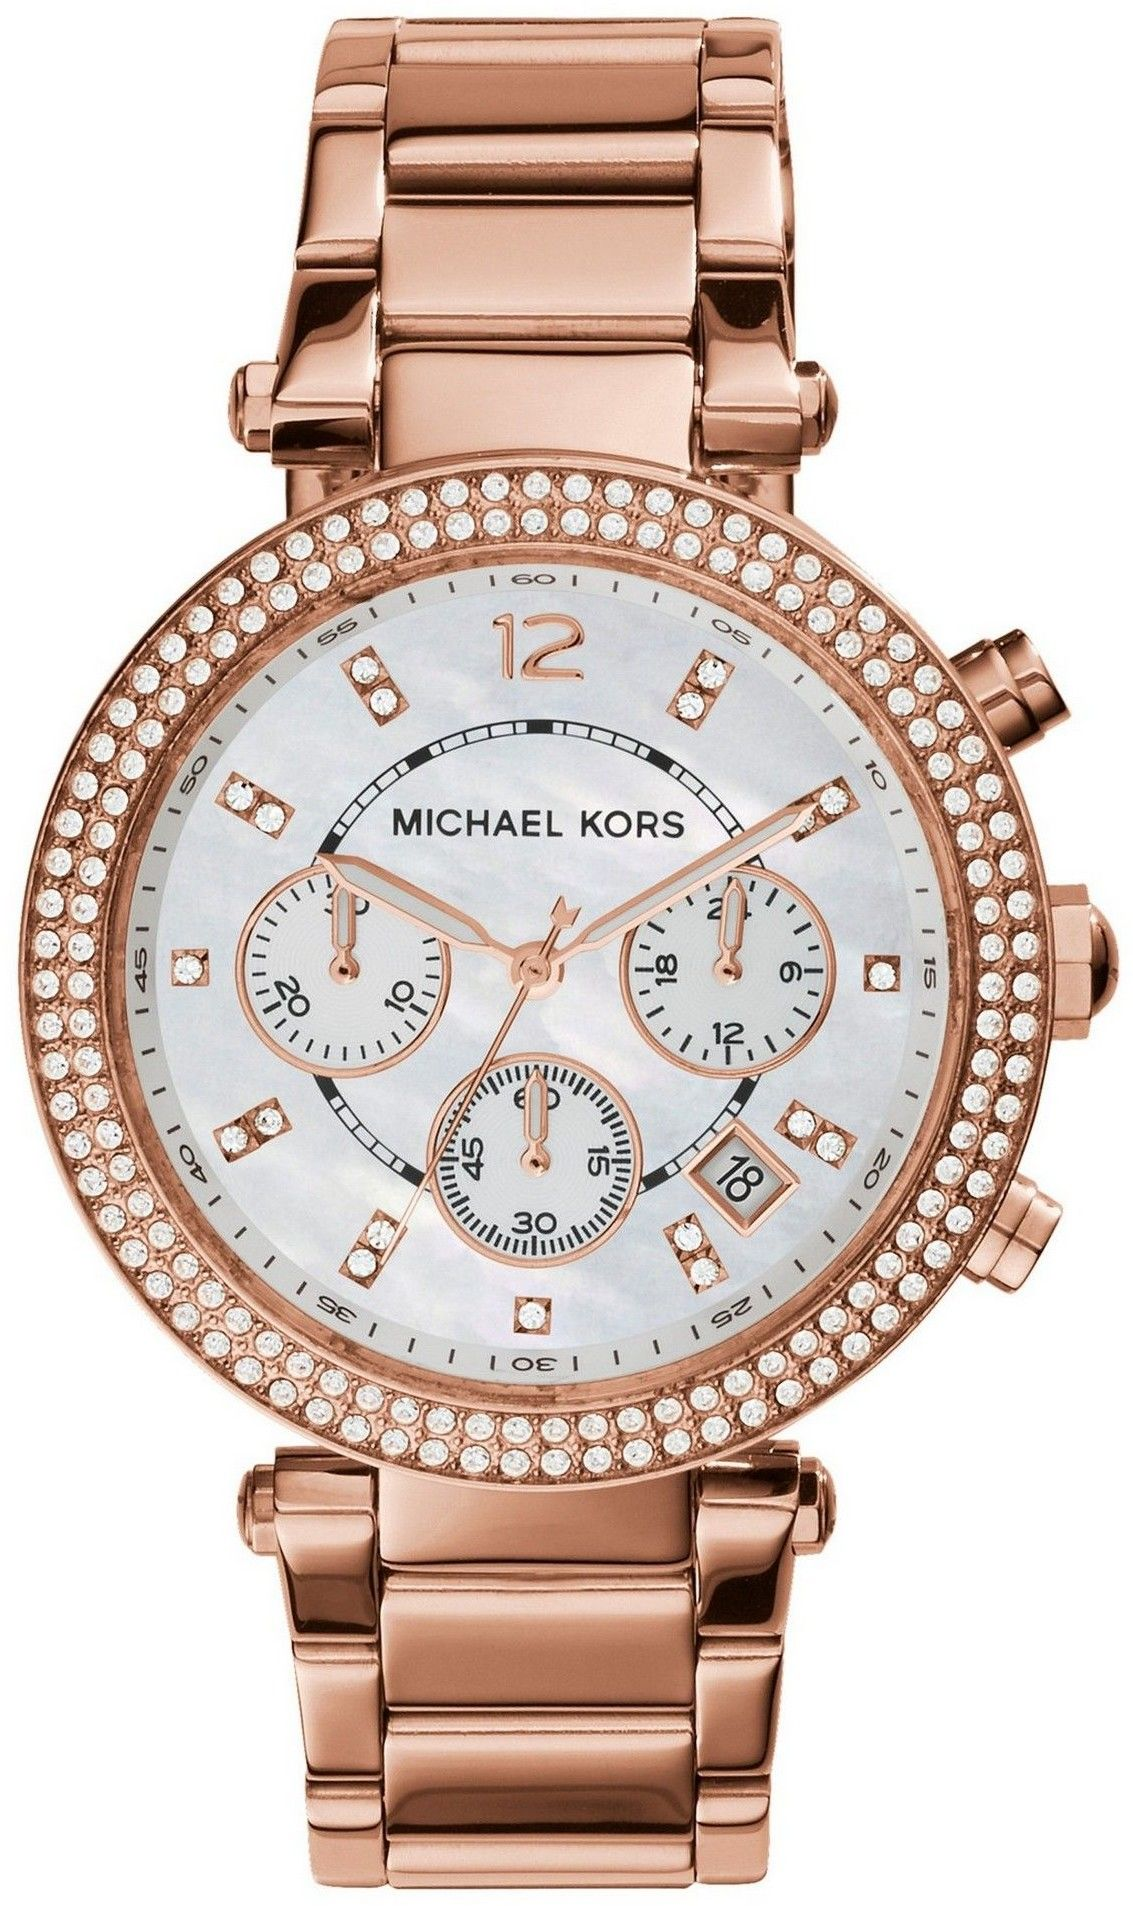 Zegarek Michael Kors MK5491 PARKER - CENA DO NEGOCJACJI - DOSTAWA DHL GRATIS, KUPUJ BEZ RYZYKA - 100 dni na zwrot, możliwość wygrawerowania dowolnego tekstu.